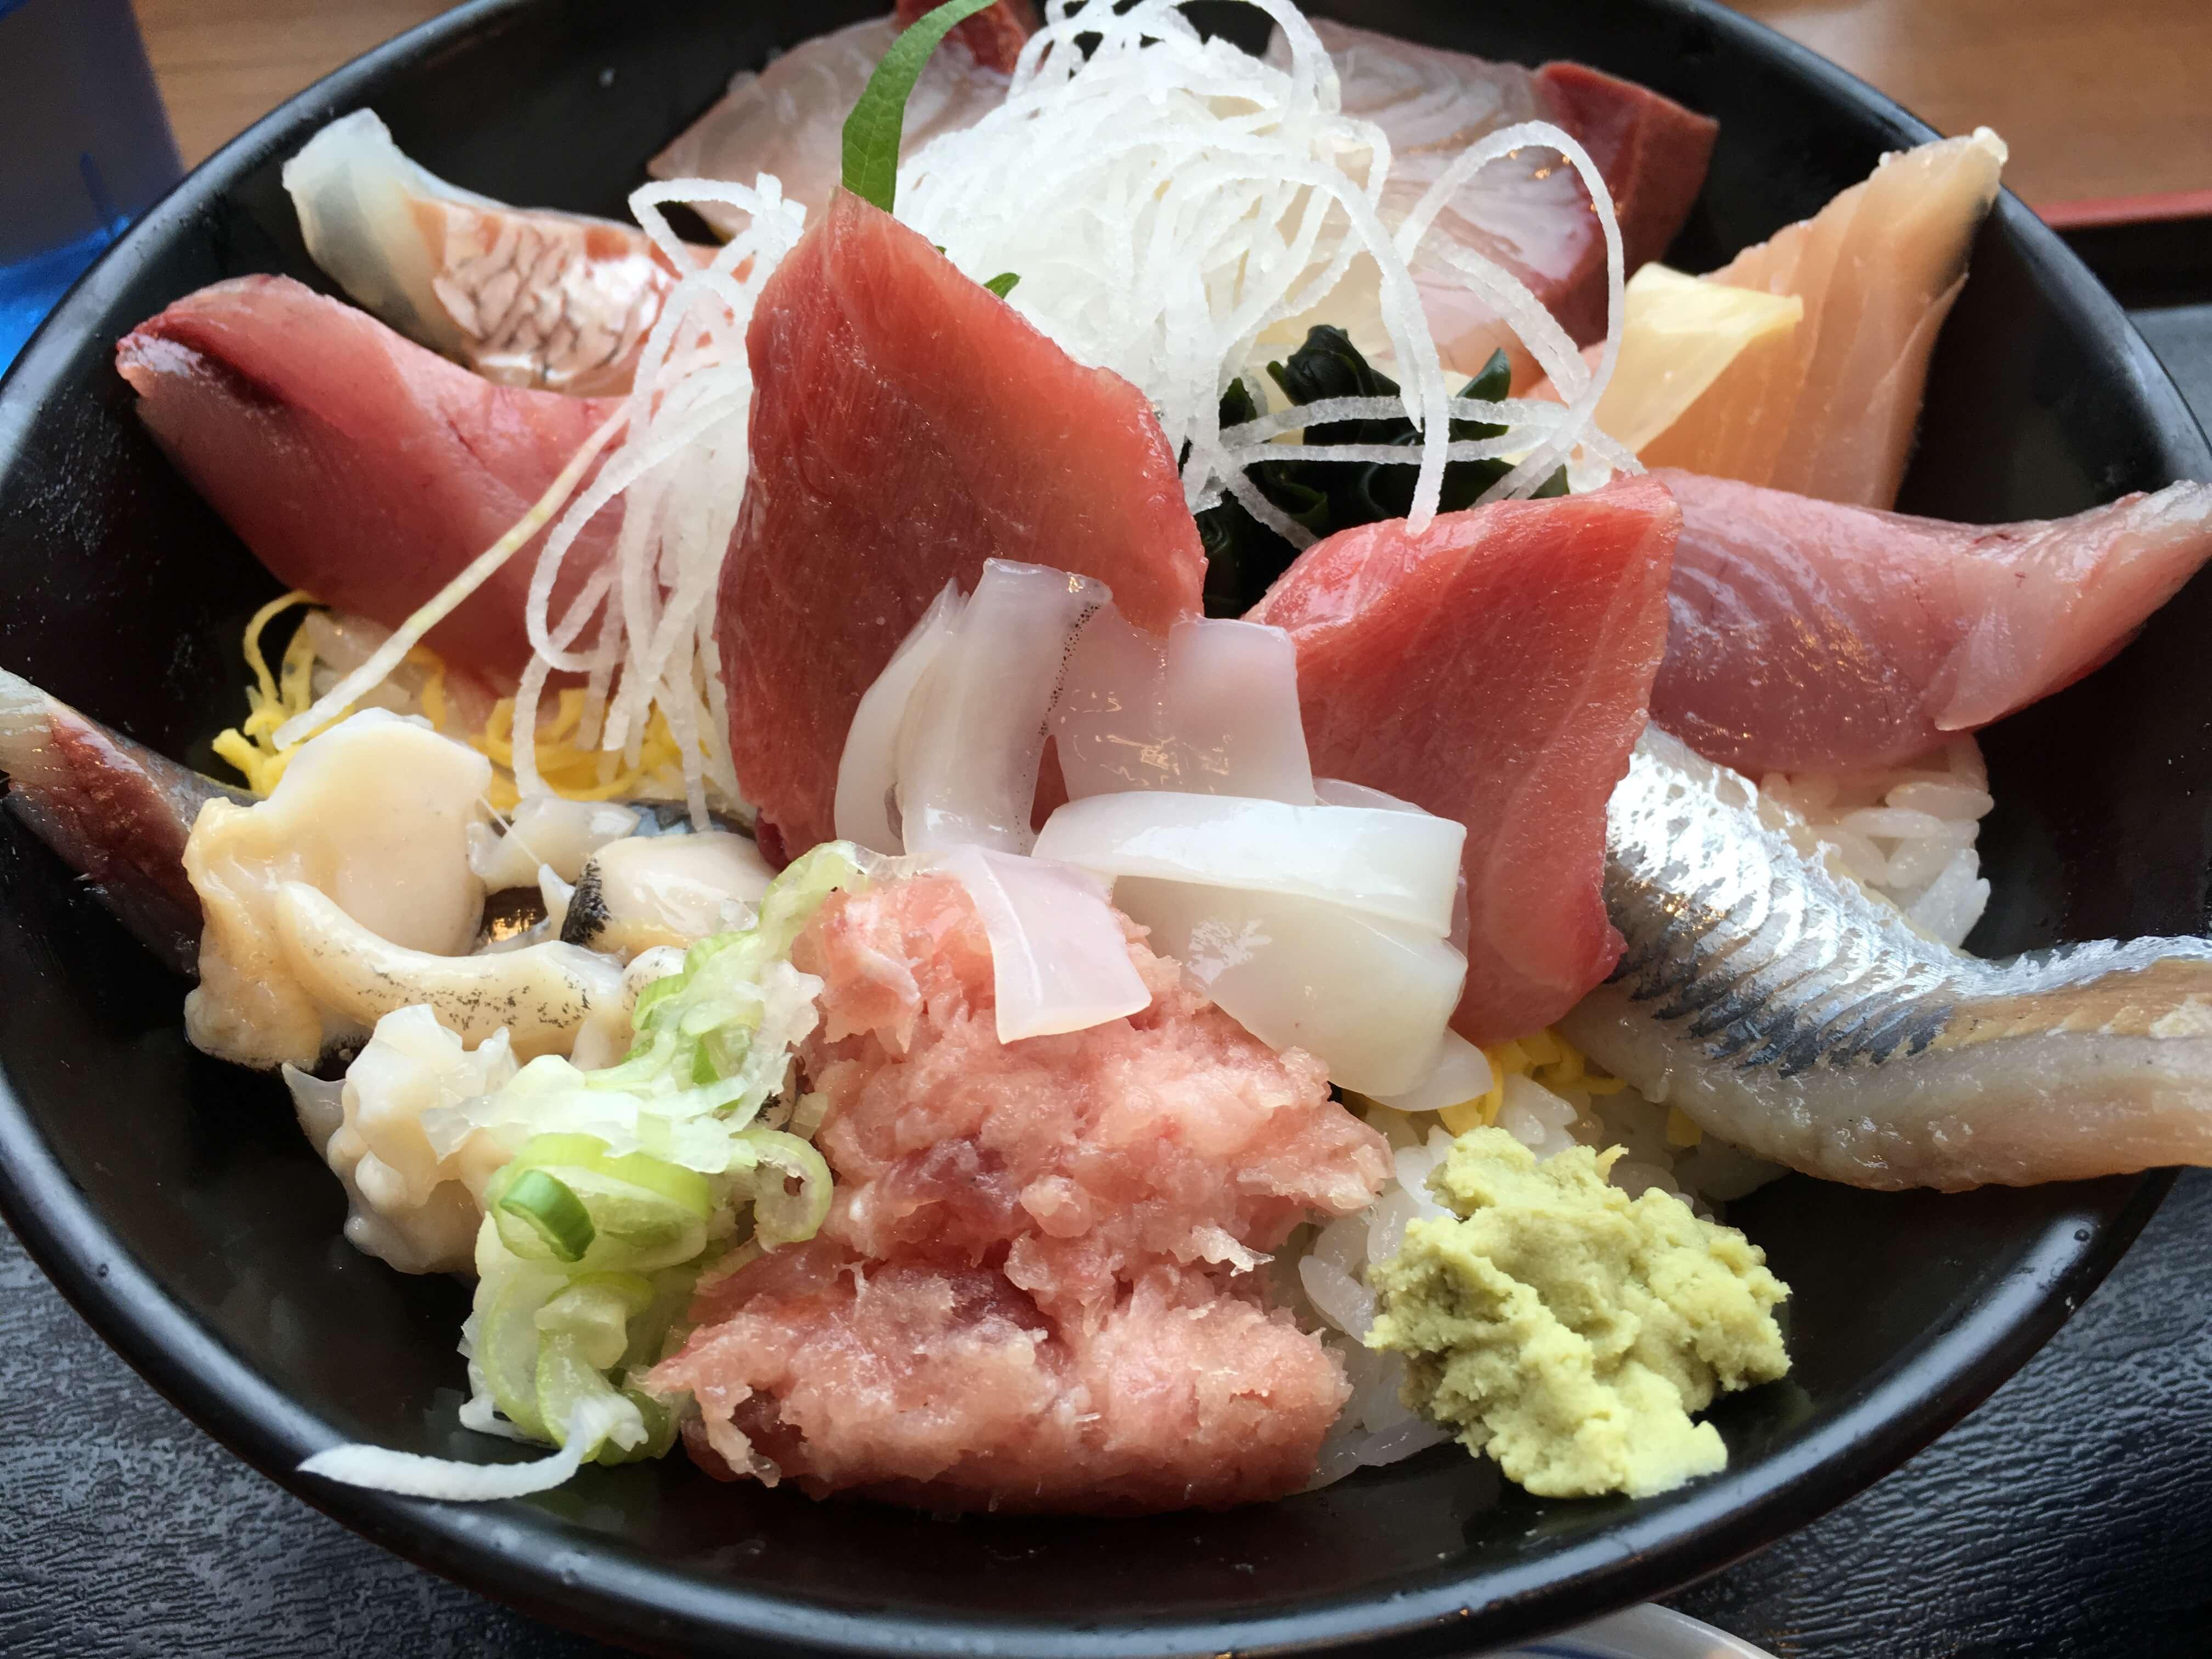 『 魚がし食堂 』これが1000円 ?! のド迫力・てんこ盛り海鮮丼